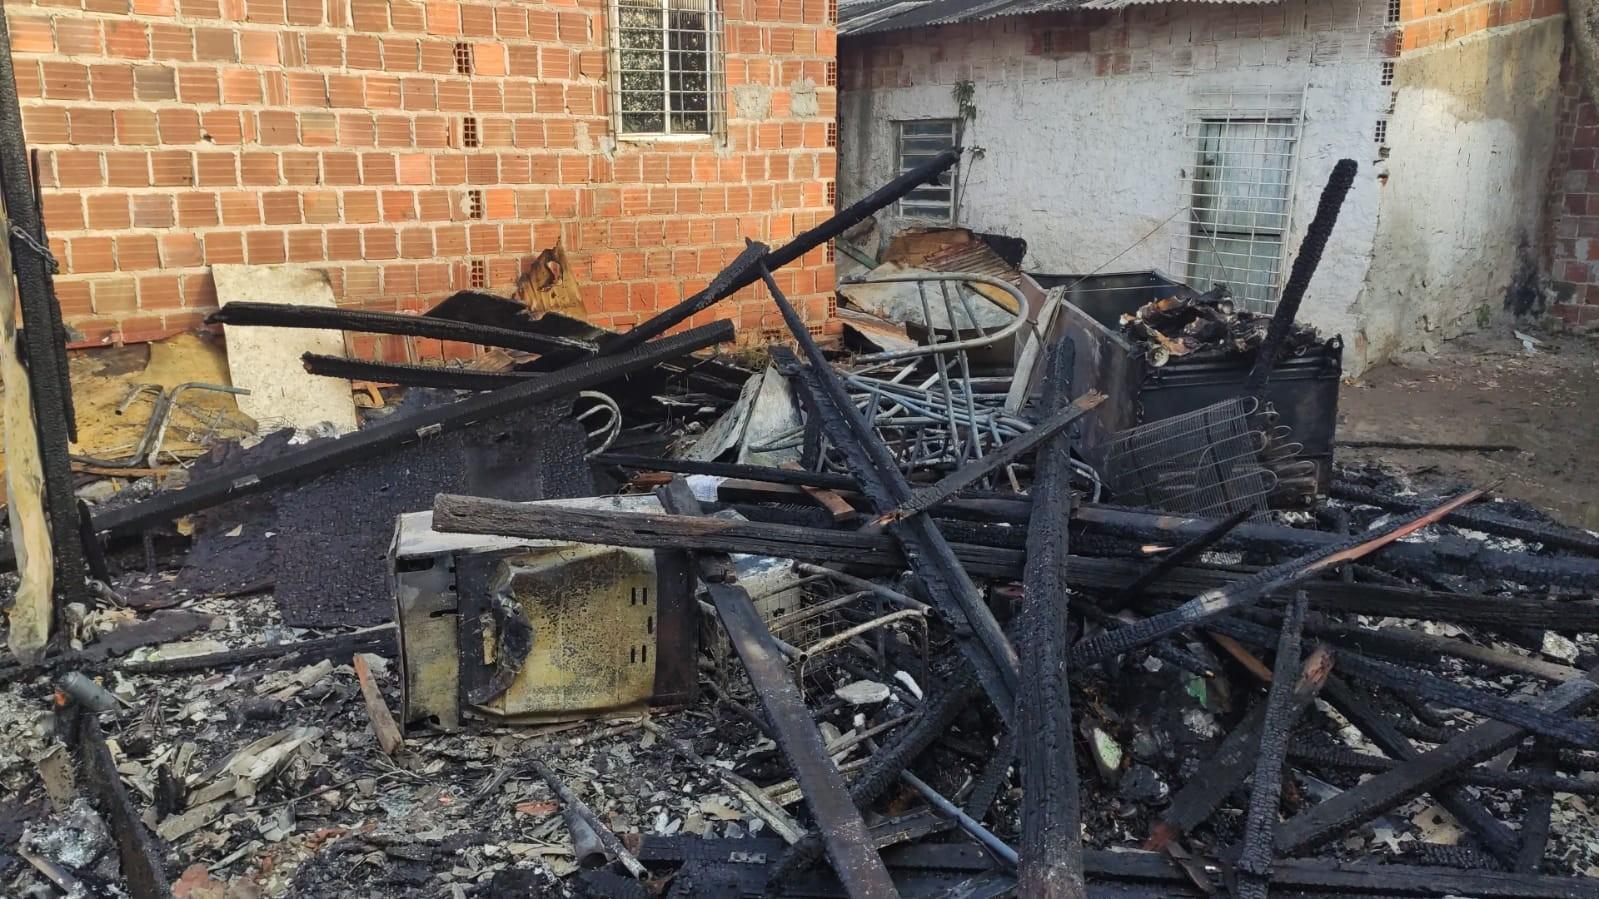 Incêndio destrói casa de catadora de recicláveis em Olinda: 'fogo levou tudo, o barraco ficou no chão', diz